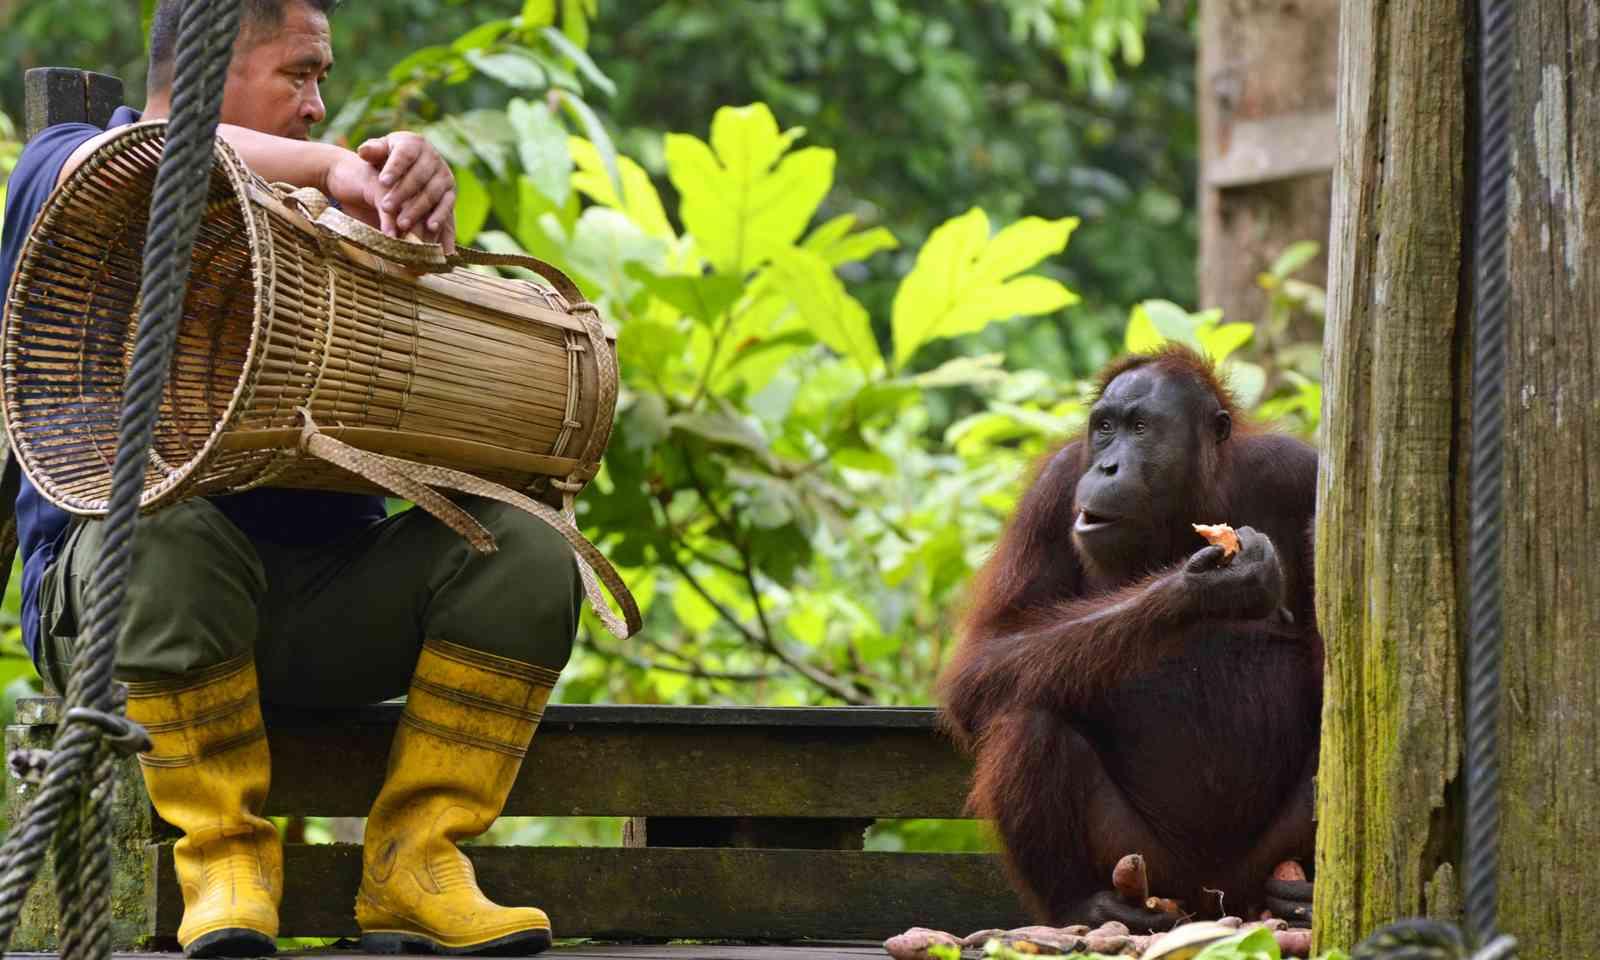 Worker sitting beside orangutan (Dreamstime)